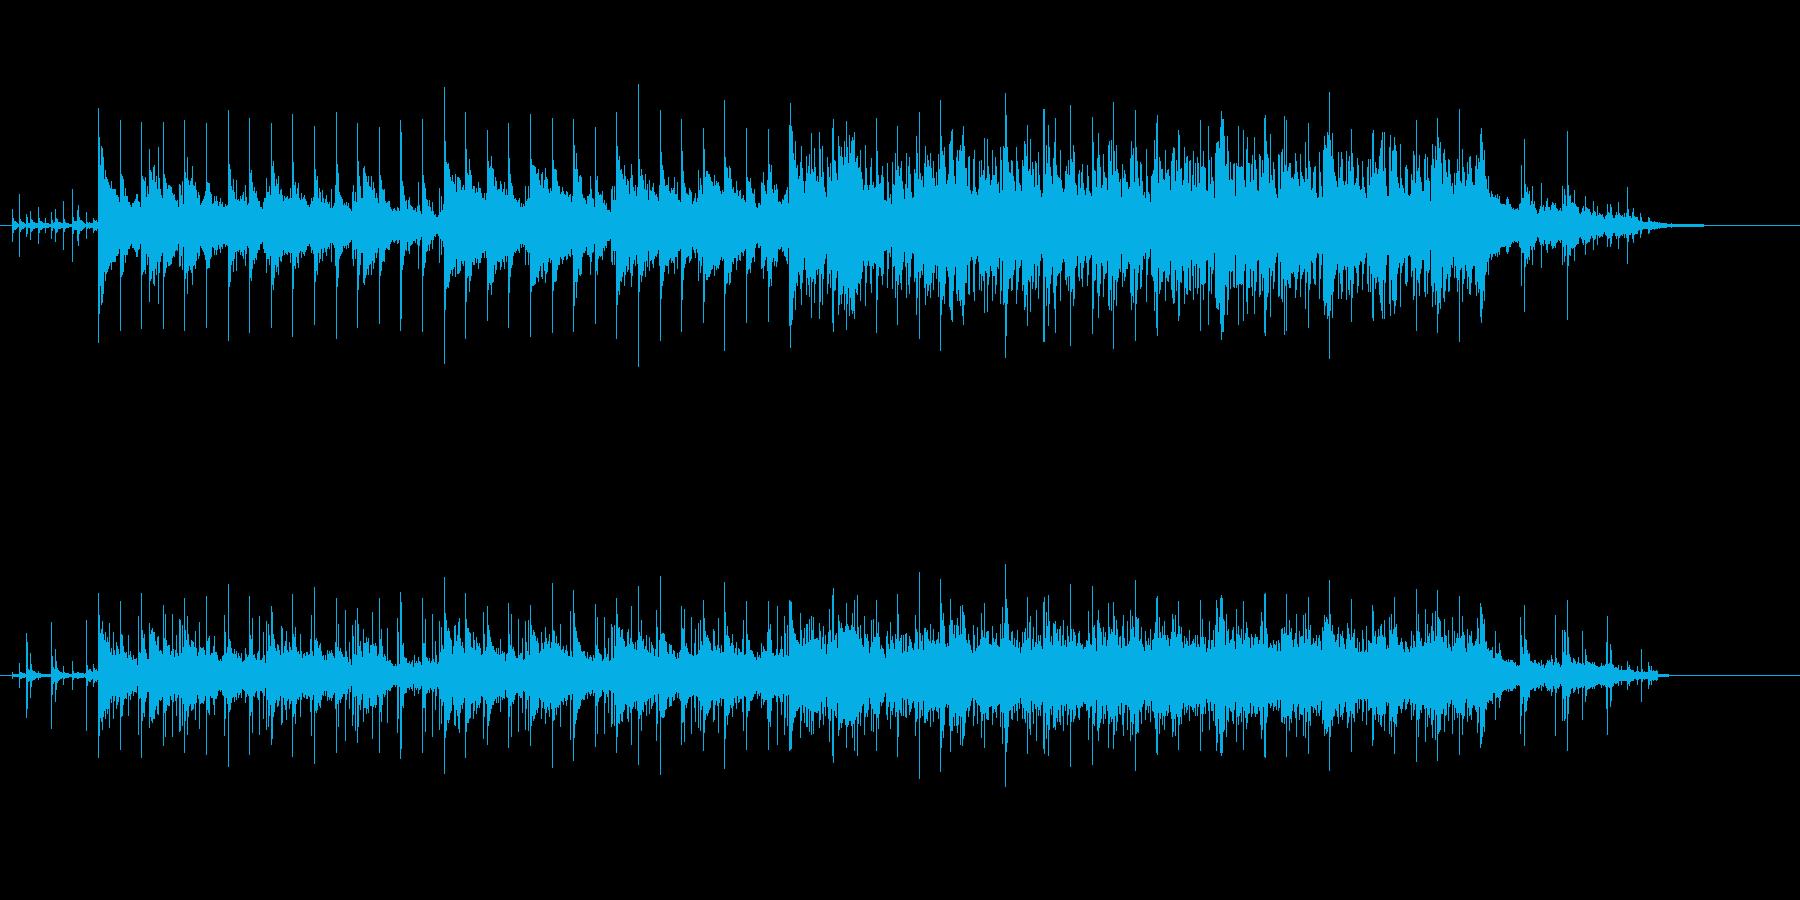 オリエンタルなワールド・ミュージック風の再生済みの波形